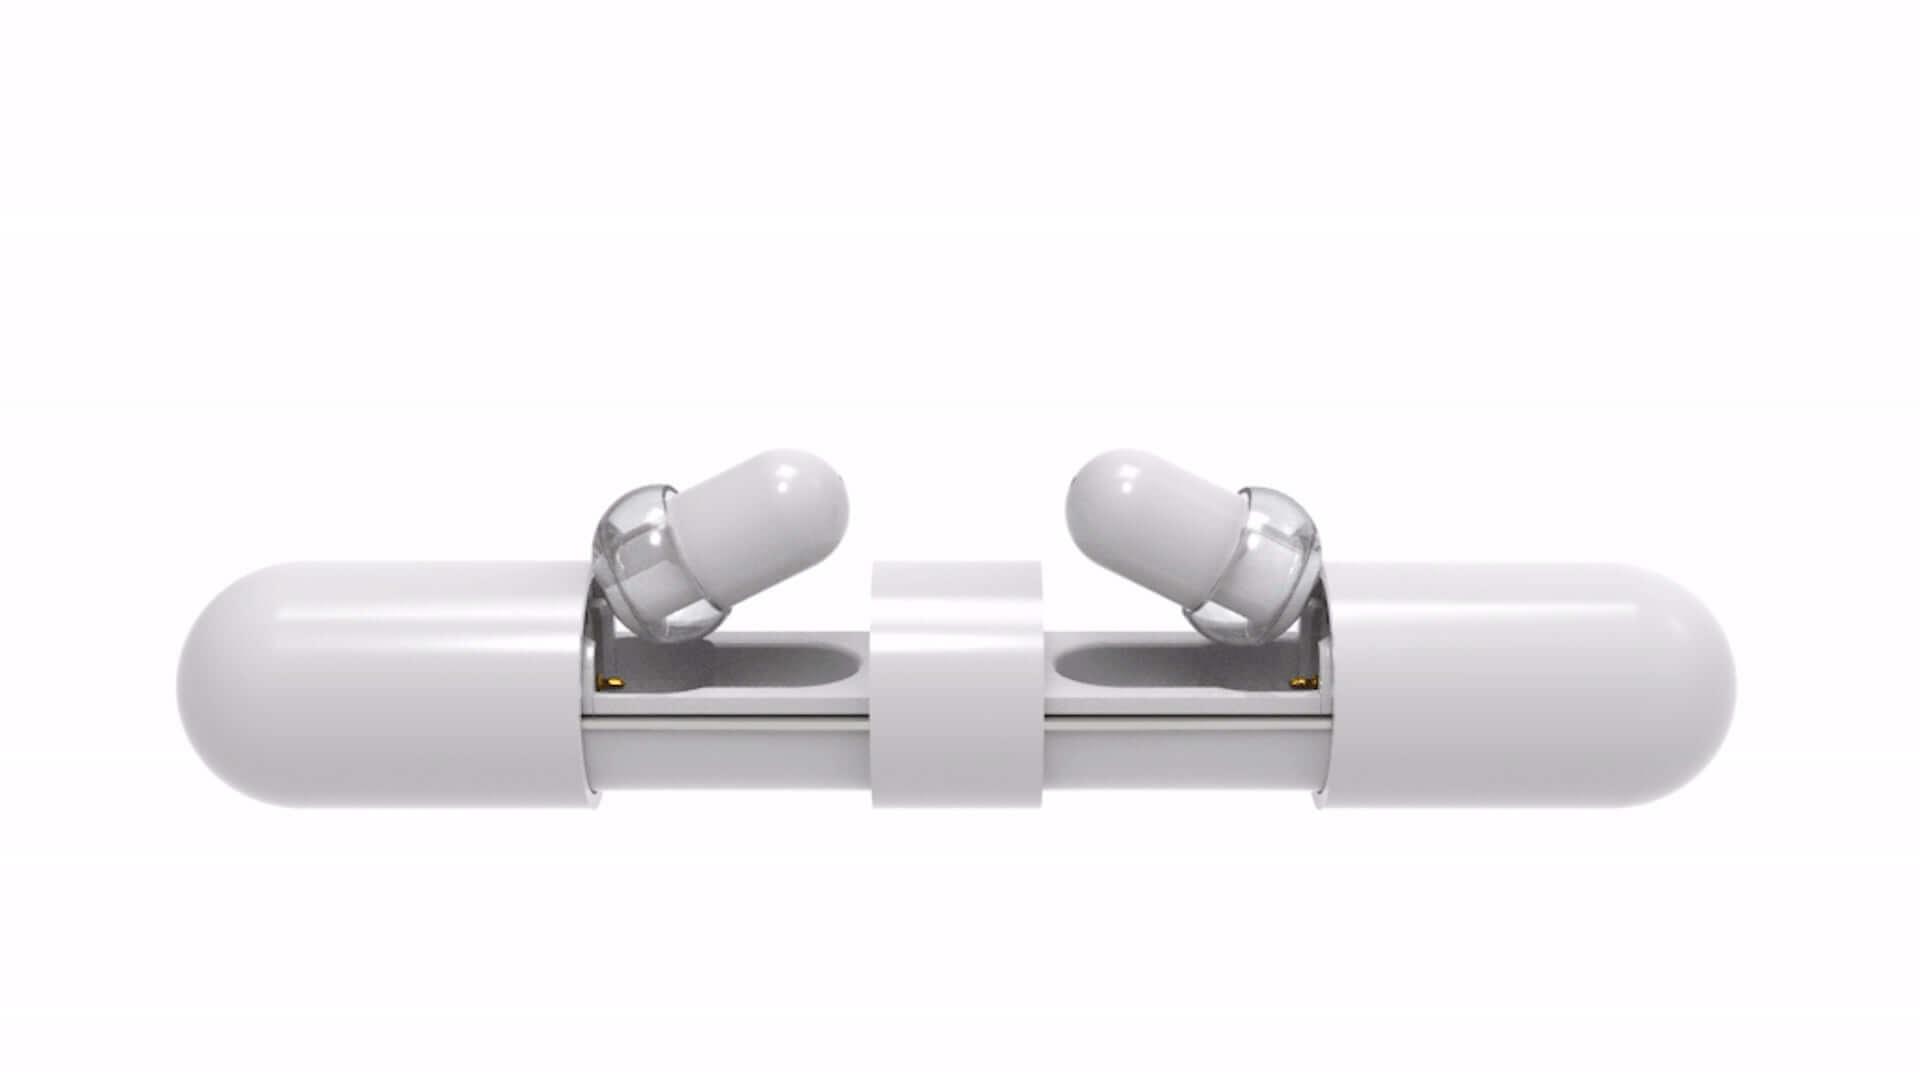 片耳1.3g!世界最小ワイヤレスイヤホン「GRAIN」がクラウドファンディングサイトにて予約販売開始 technology190701grain_6-1920x1078